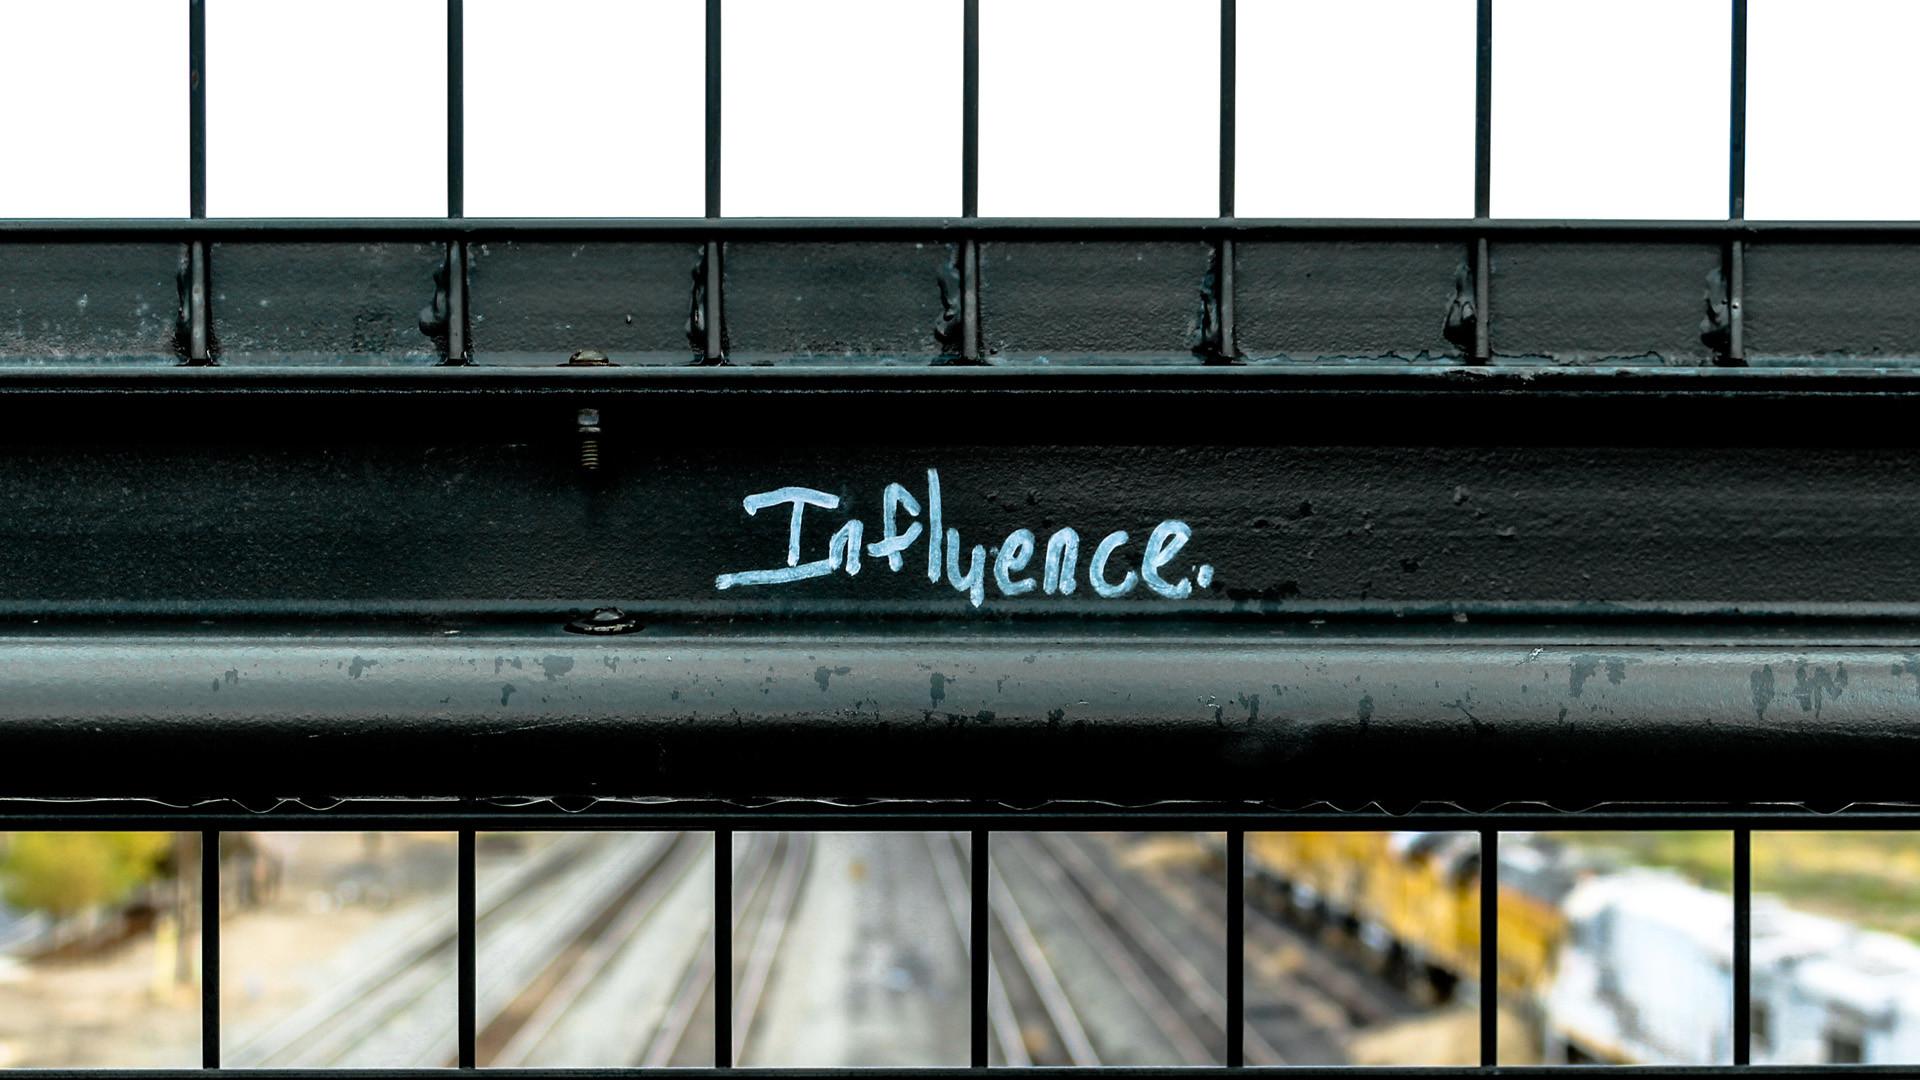 Technologiegetriebene Kommunikationstrends Teil 4: Social Seller – Vom Vertriebler zum Markenbotschafter